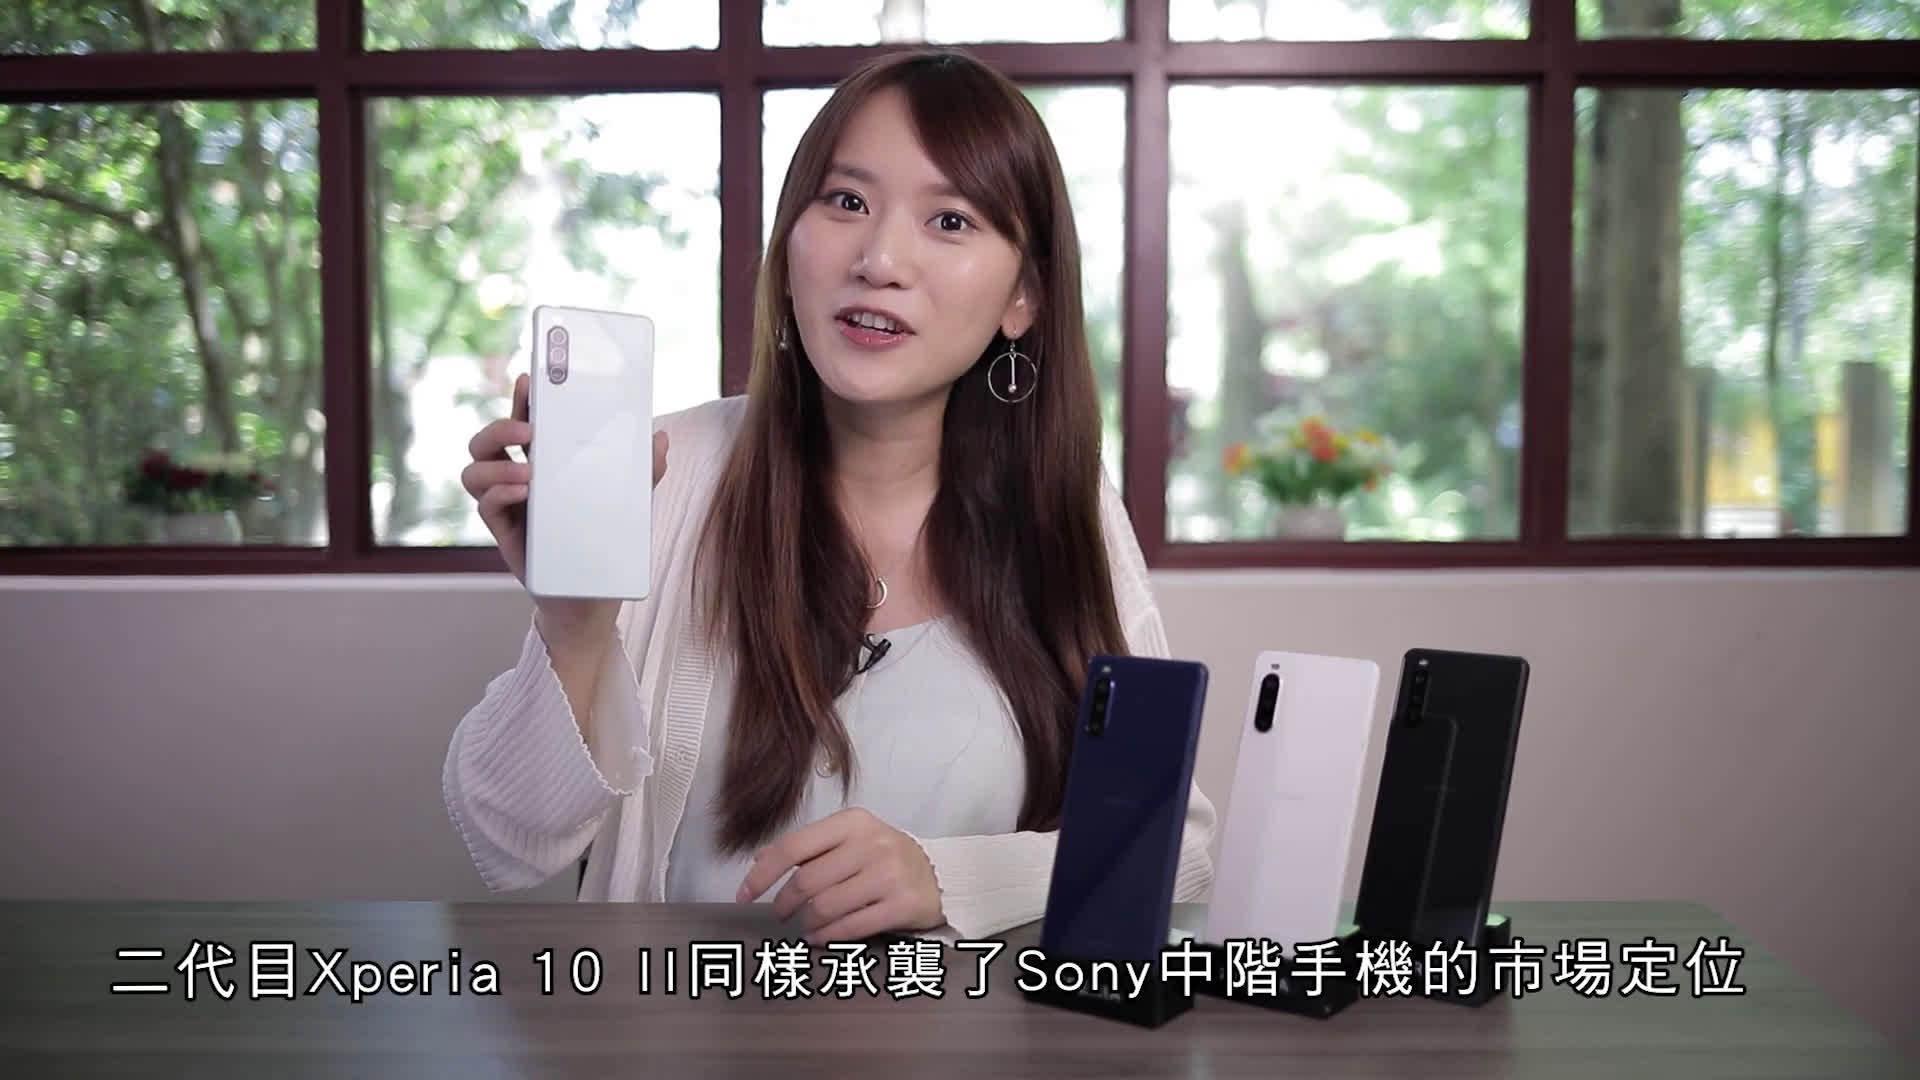 索尼 Xperia 10 II 开箱 水你玩不怕潮 - 索尼移动中国台湾 Lala